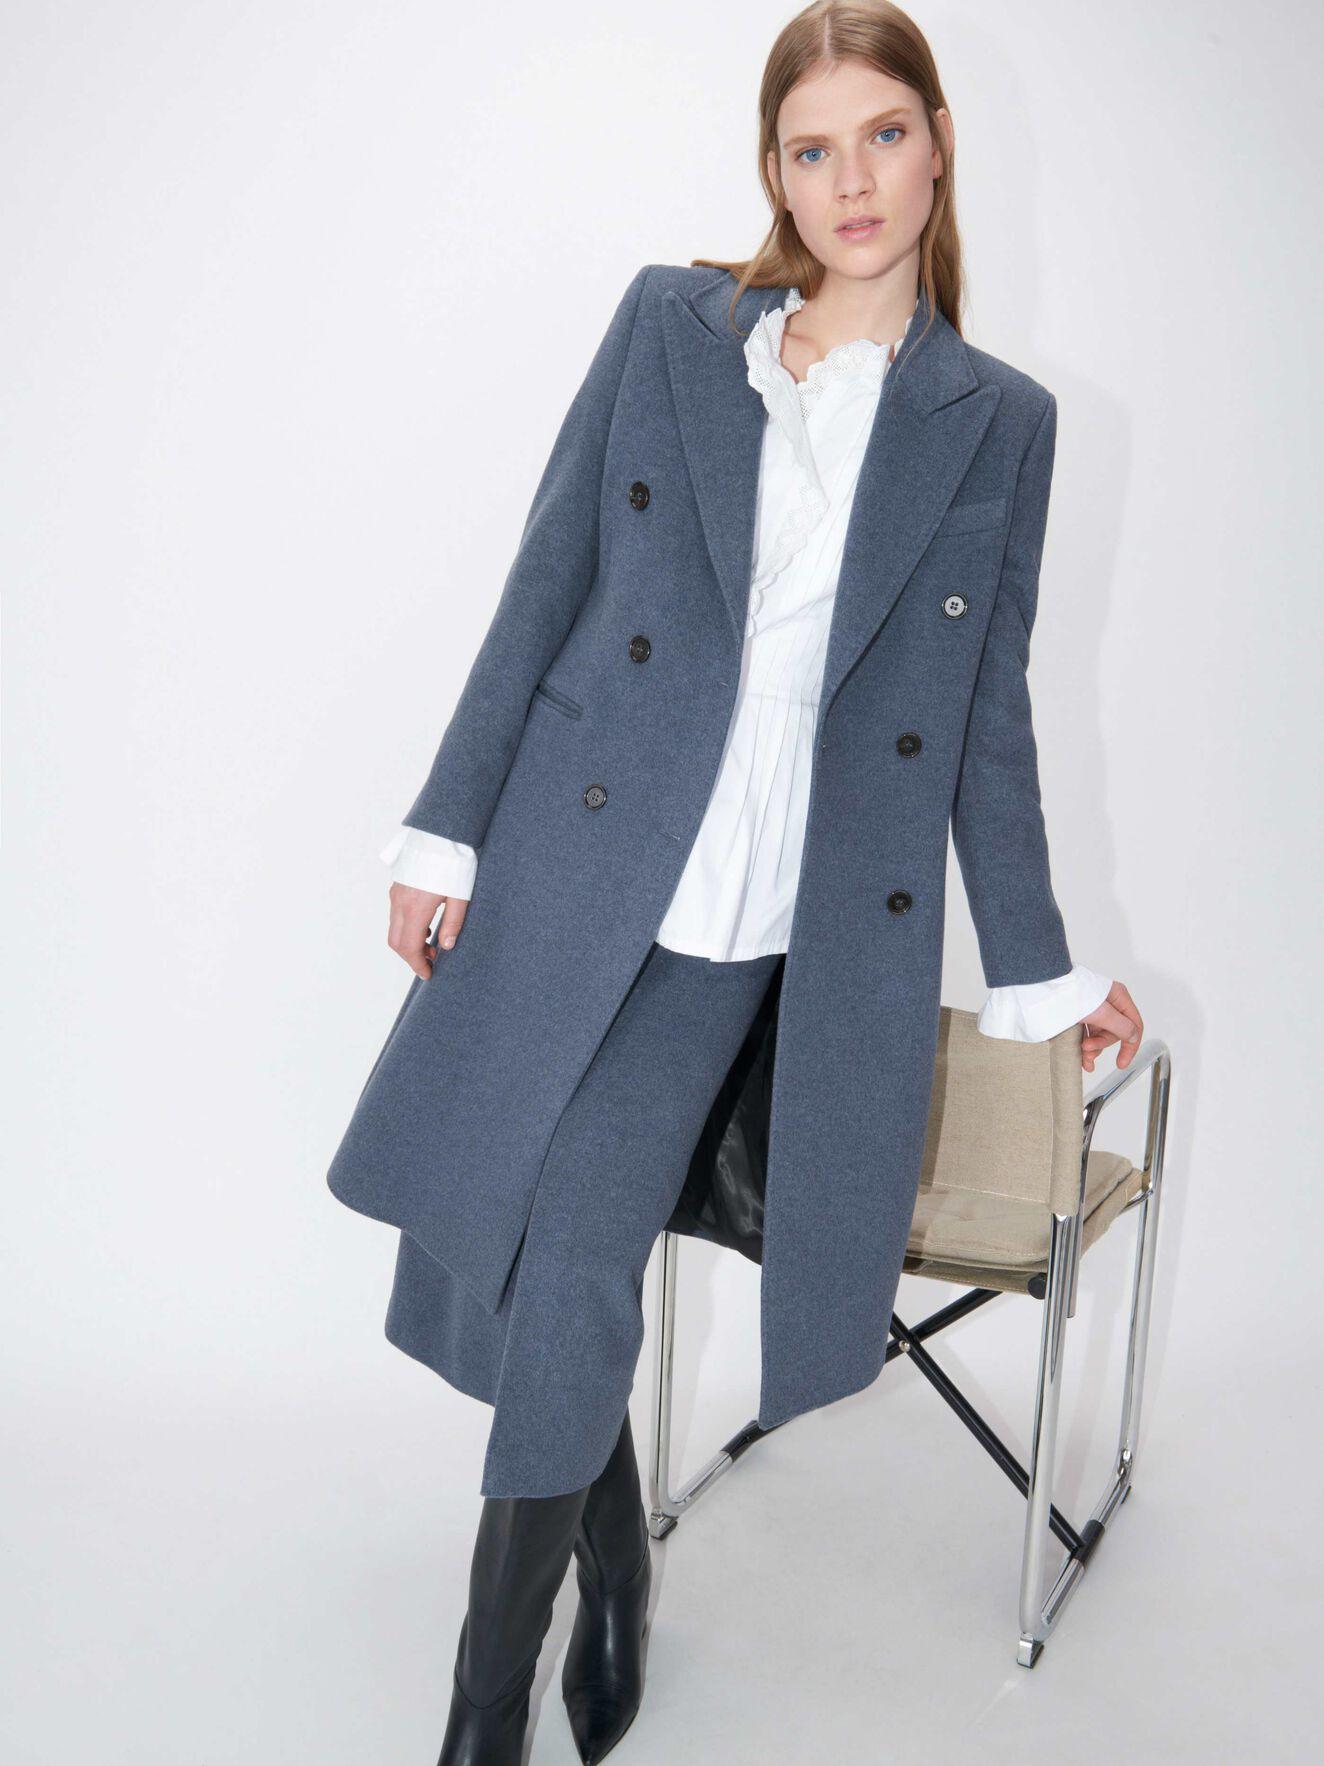 the latest ea397 48a81 Oberbekleidung für Damen - Entdecken Sie stilvolle Jacken ...